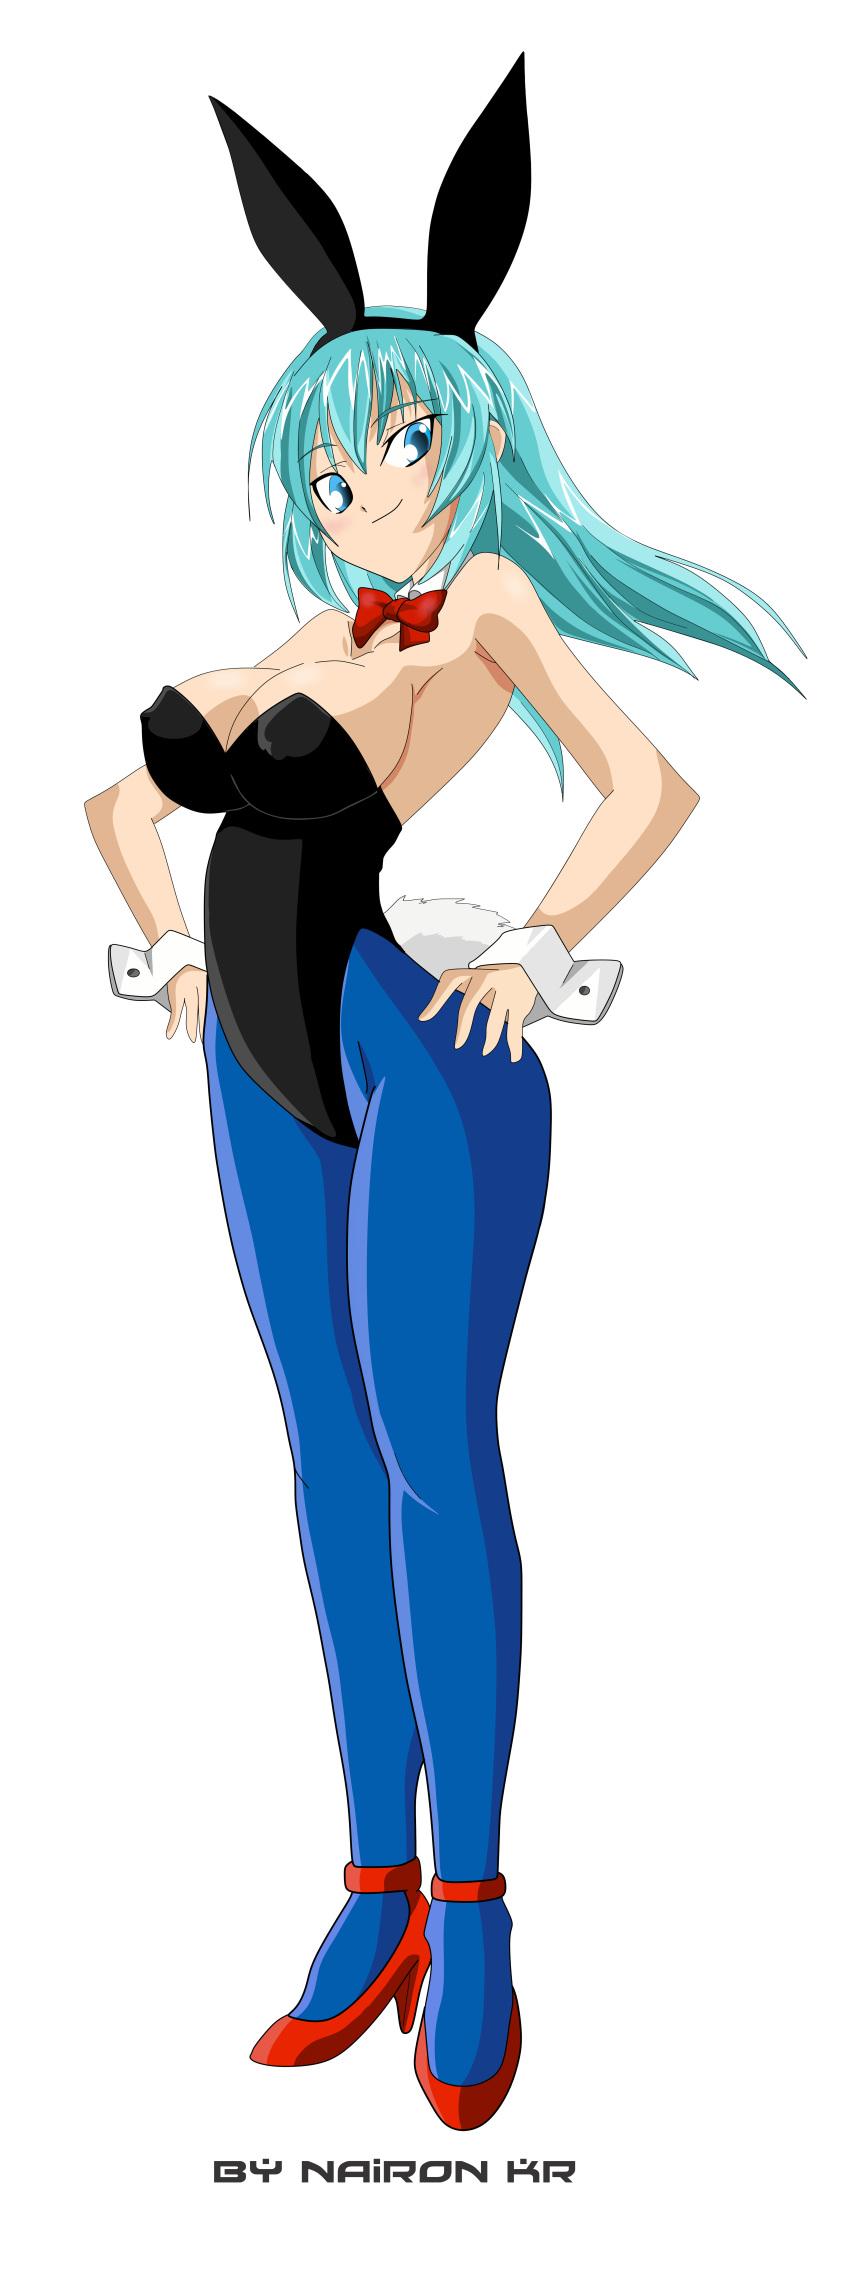 Xbooru - 1girl big breasts blue eyes blue hair breasts bulma bulma* bulma brief bulma briefs ...